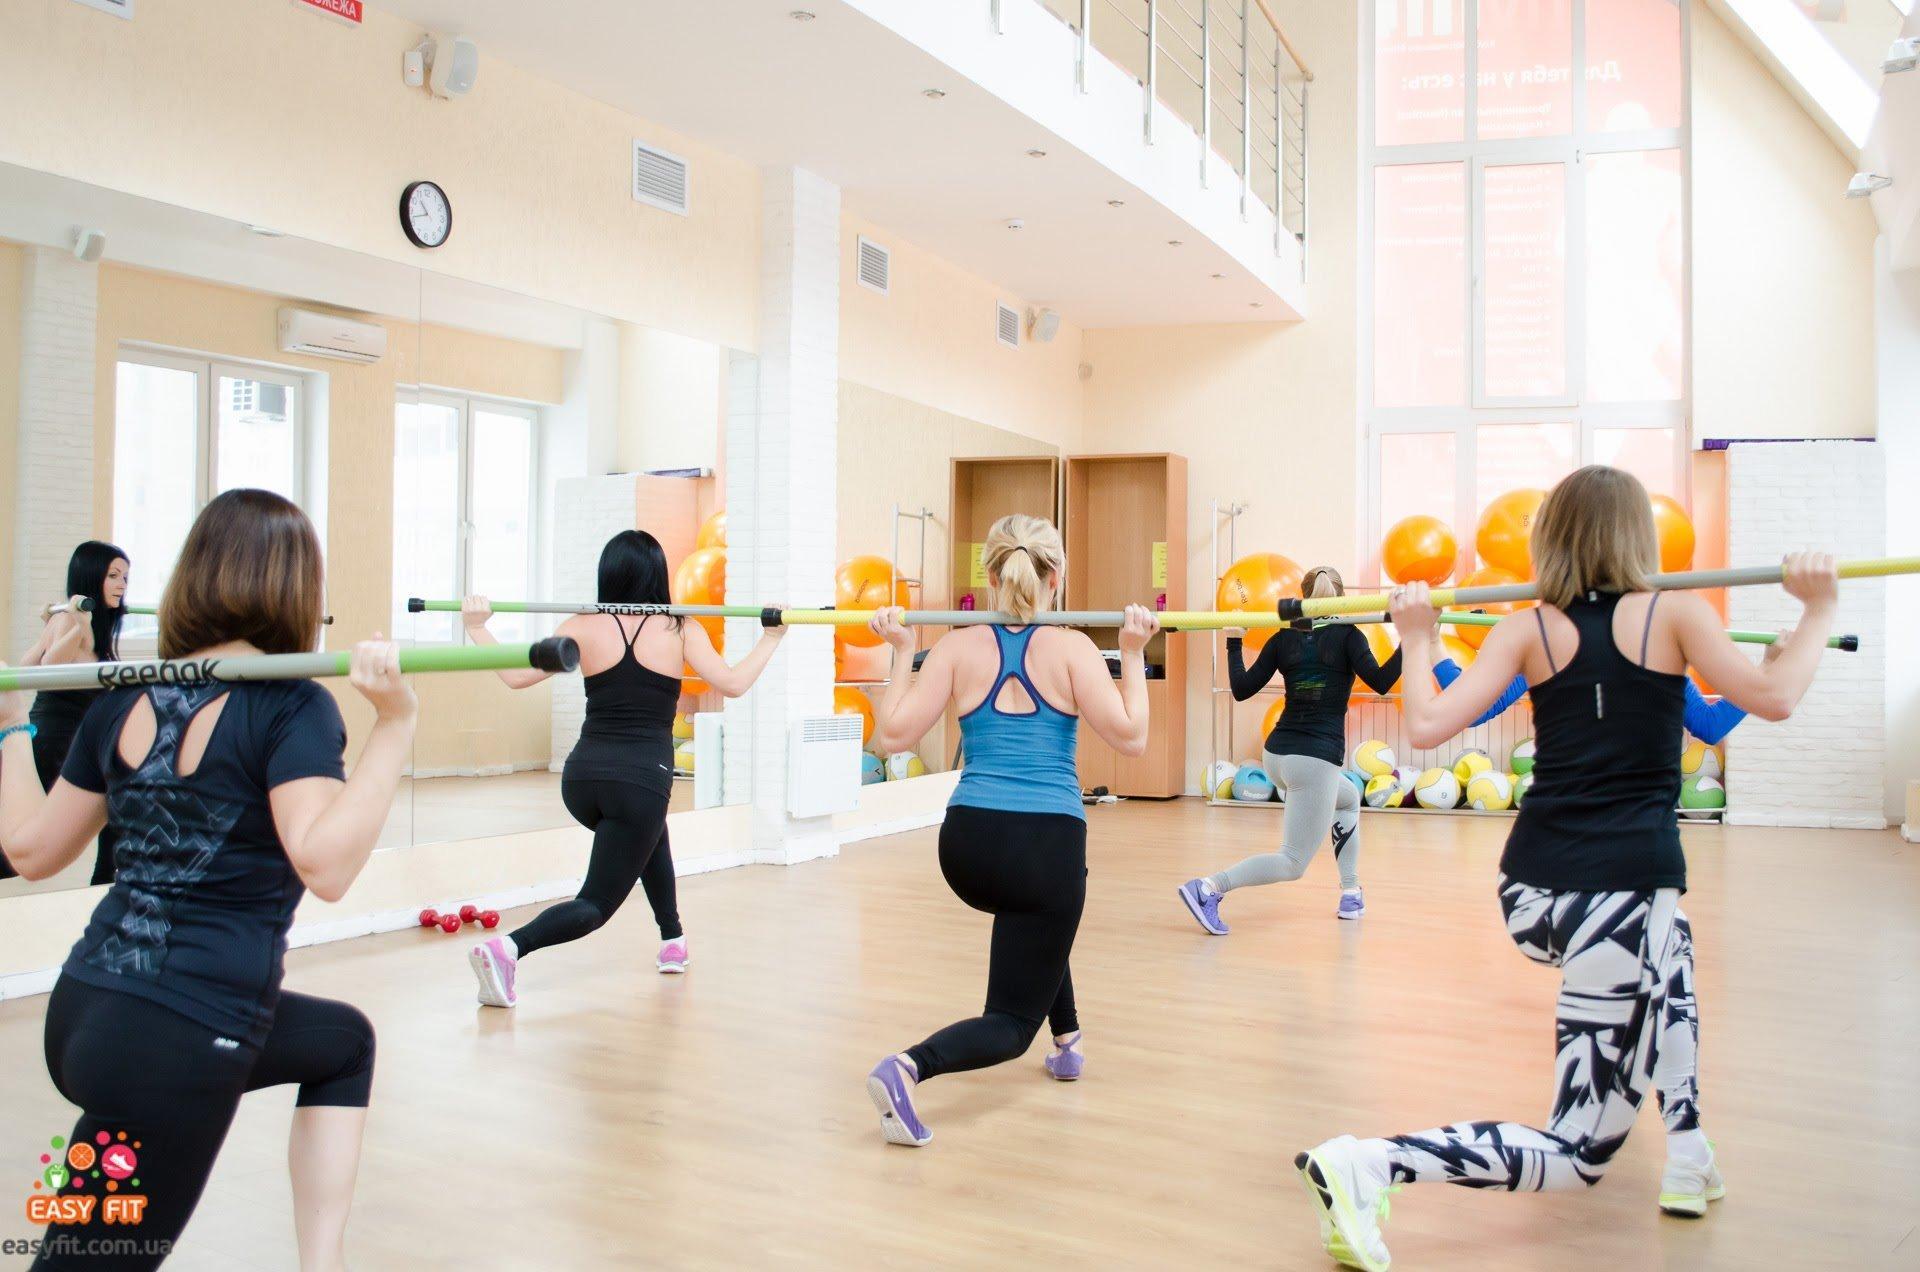 фотография Фитнес-программа для девушек Easy Fit на  Днепровской набережной